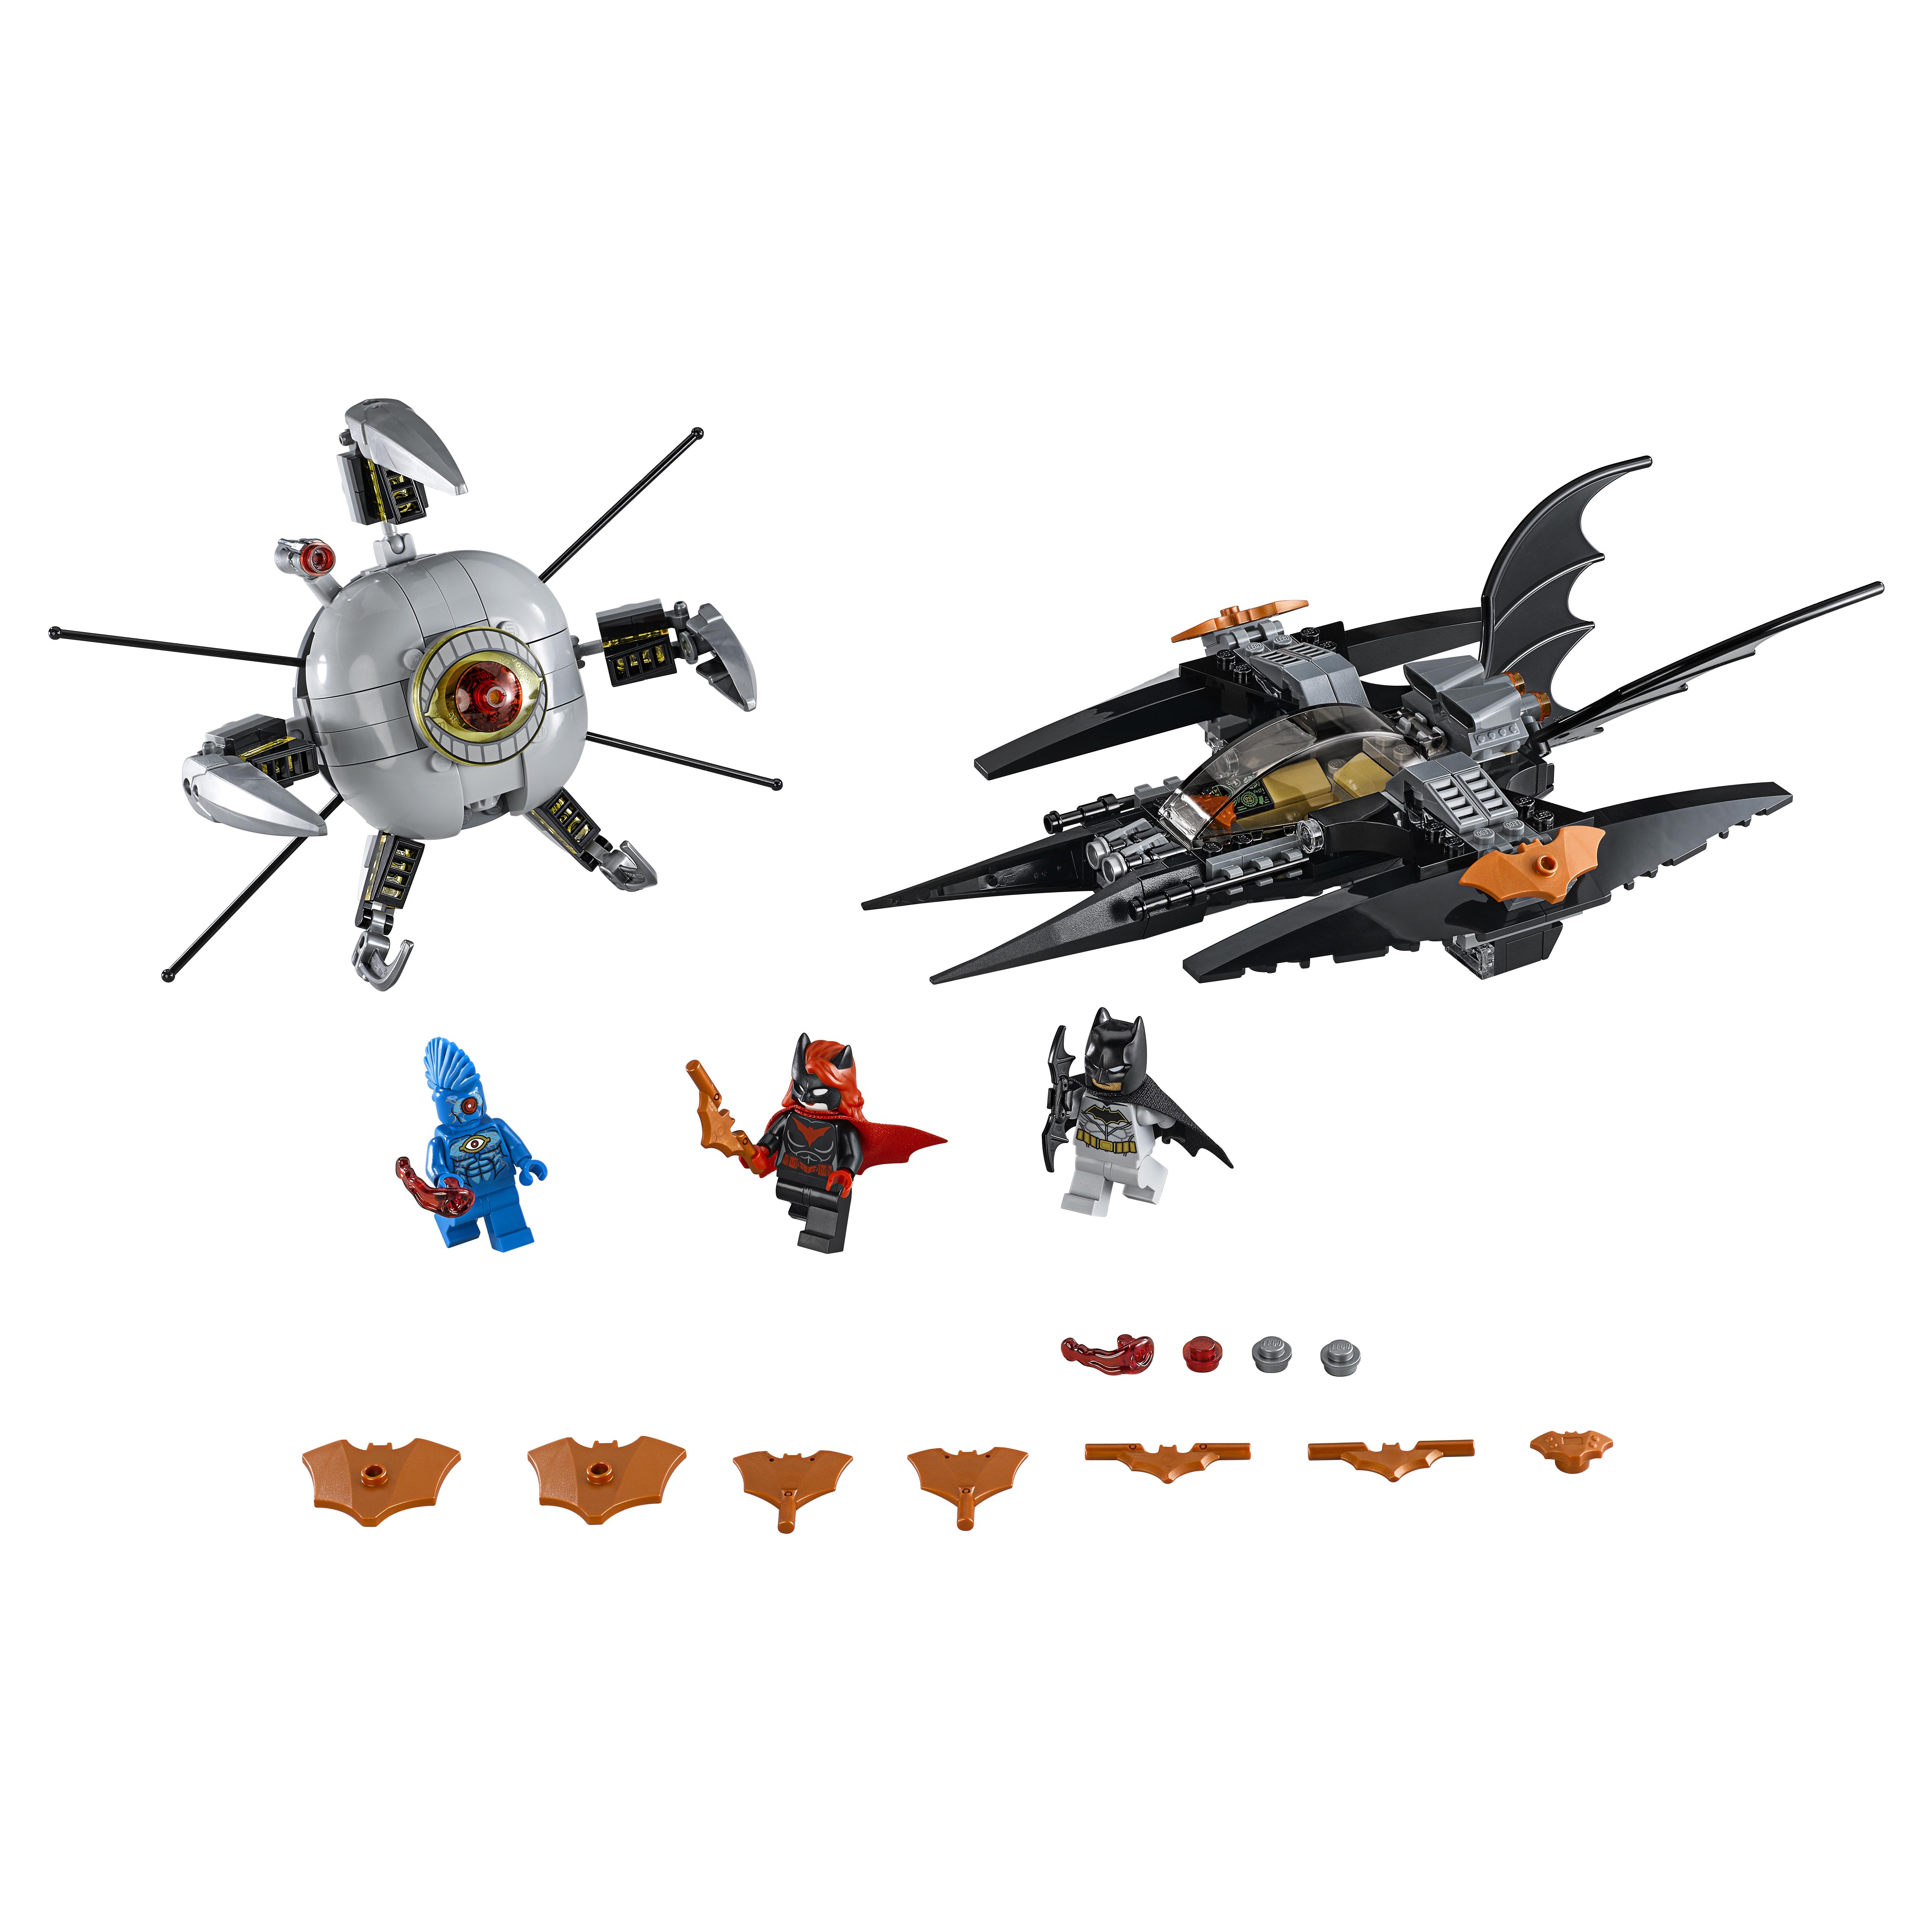 Конструктор LEGO DC Comics Бэтмен: ликвидация Глаза брата 76111 фото